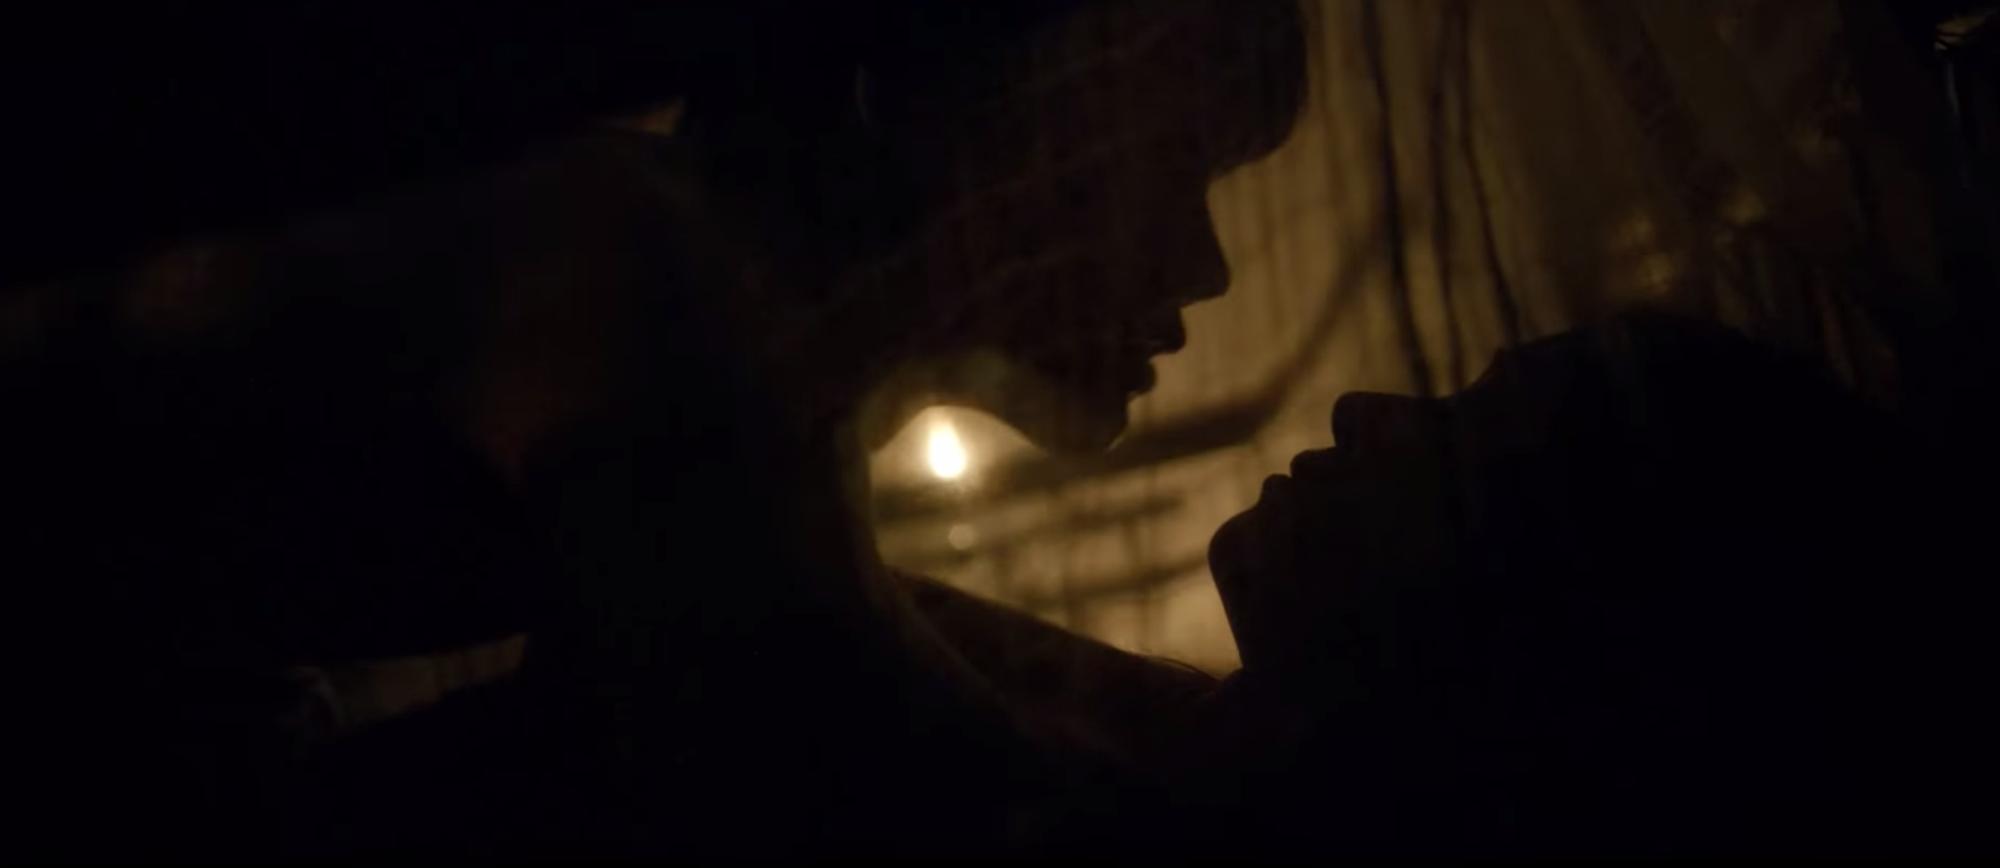 Phim kinh dị về sự kiện có thật Thiên Linh Cái tung teaser 18 gây sốc toàn tập với loạt cảnh không thể nhạy cảm hơn